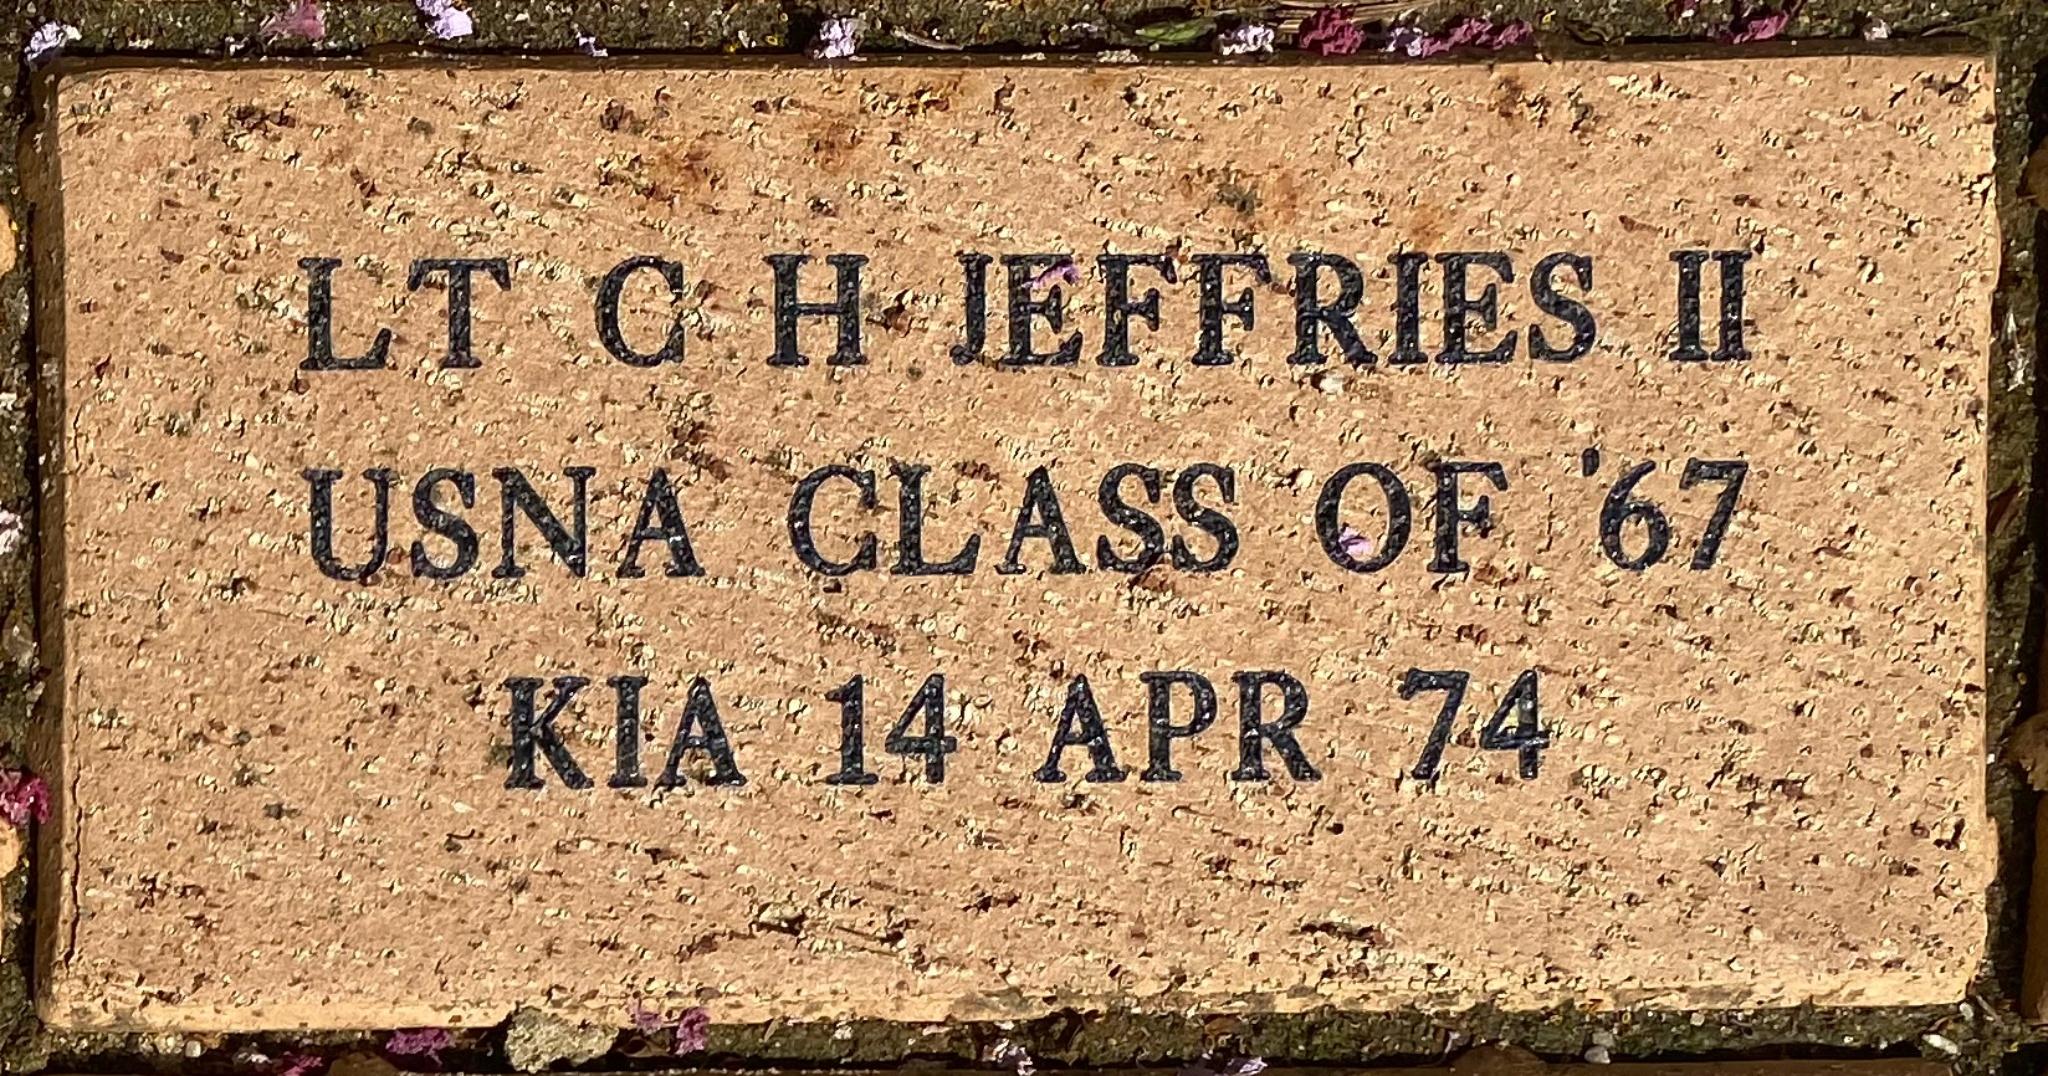 LT C H JEFFRIES II USNA CLASS OF '67 KIA 14 APR 74